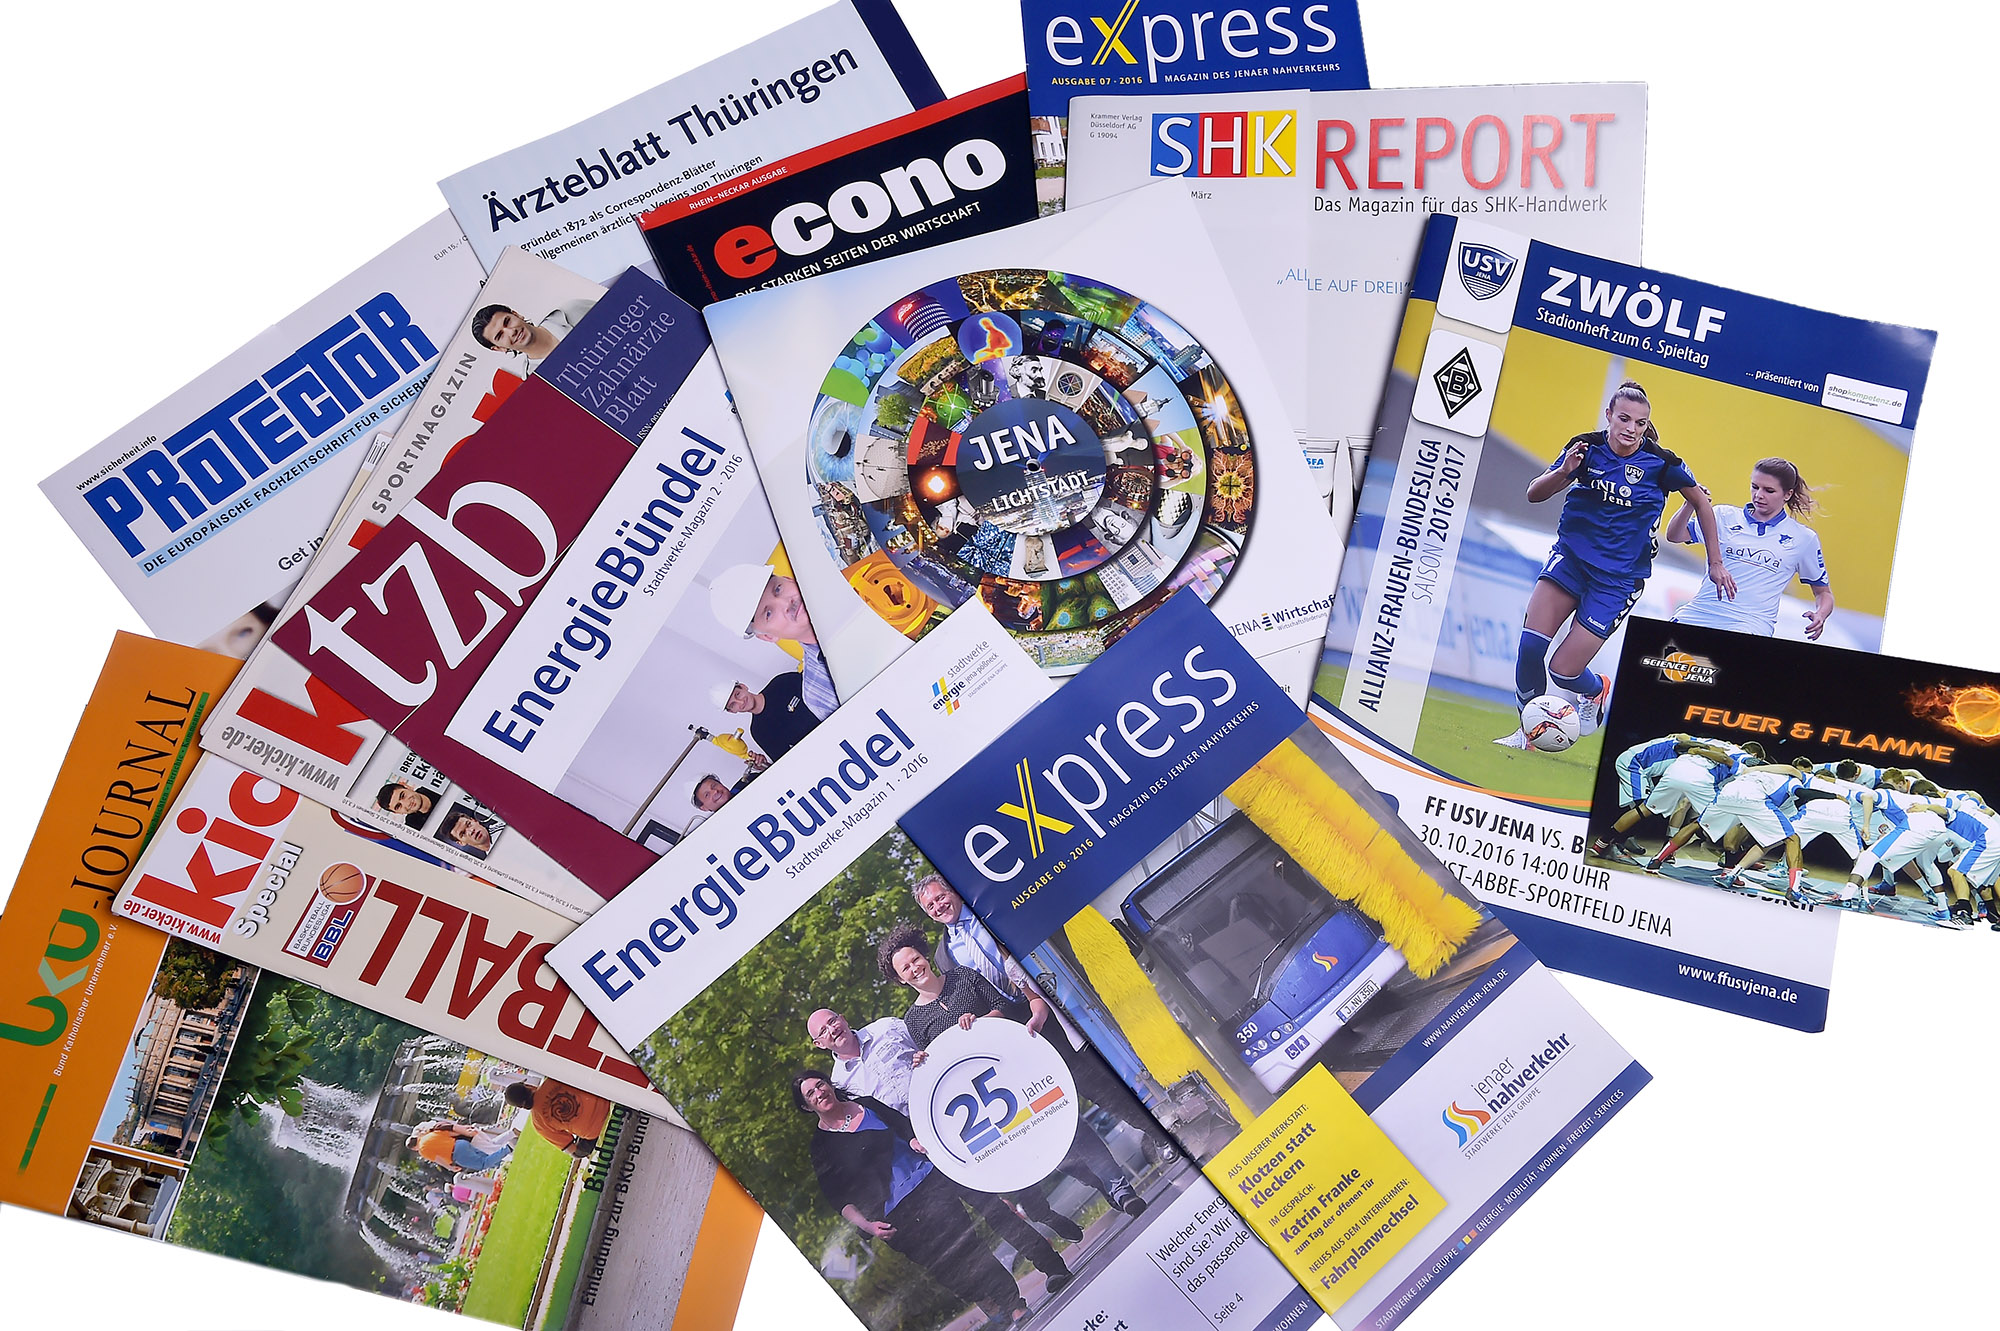 Scheere Photos - Presse und Medien